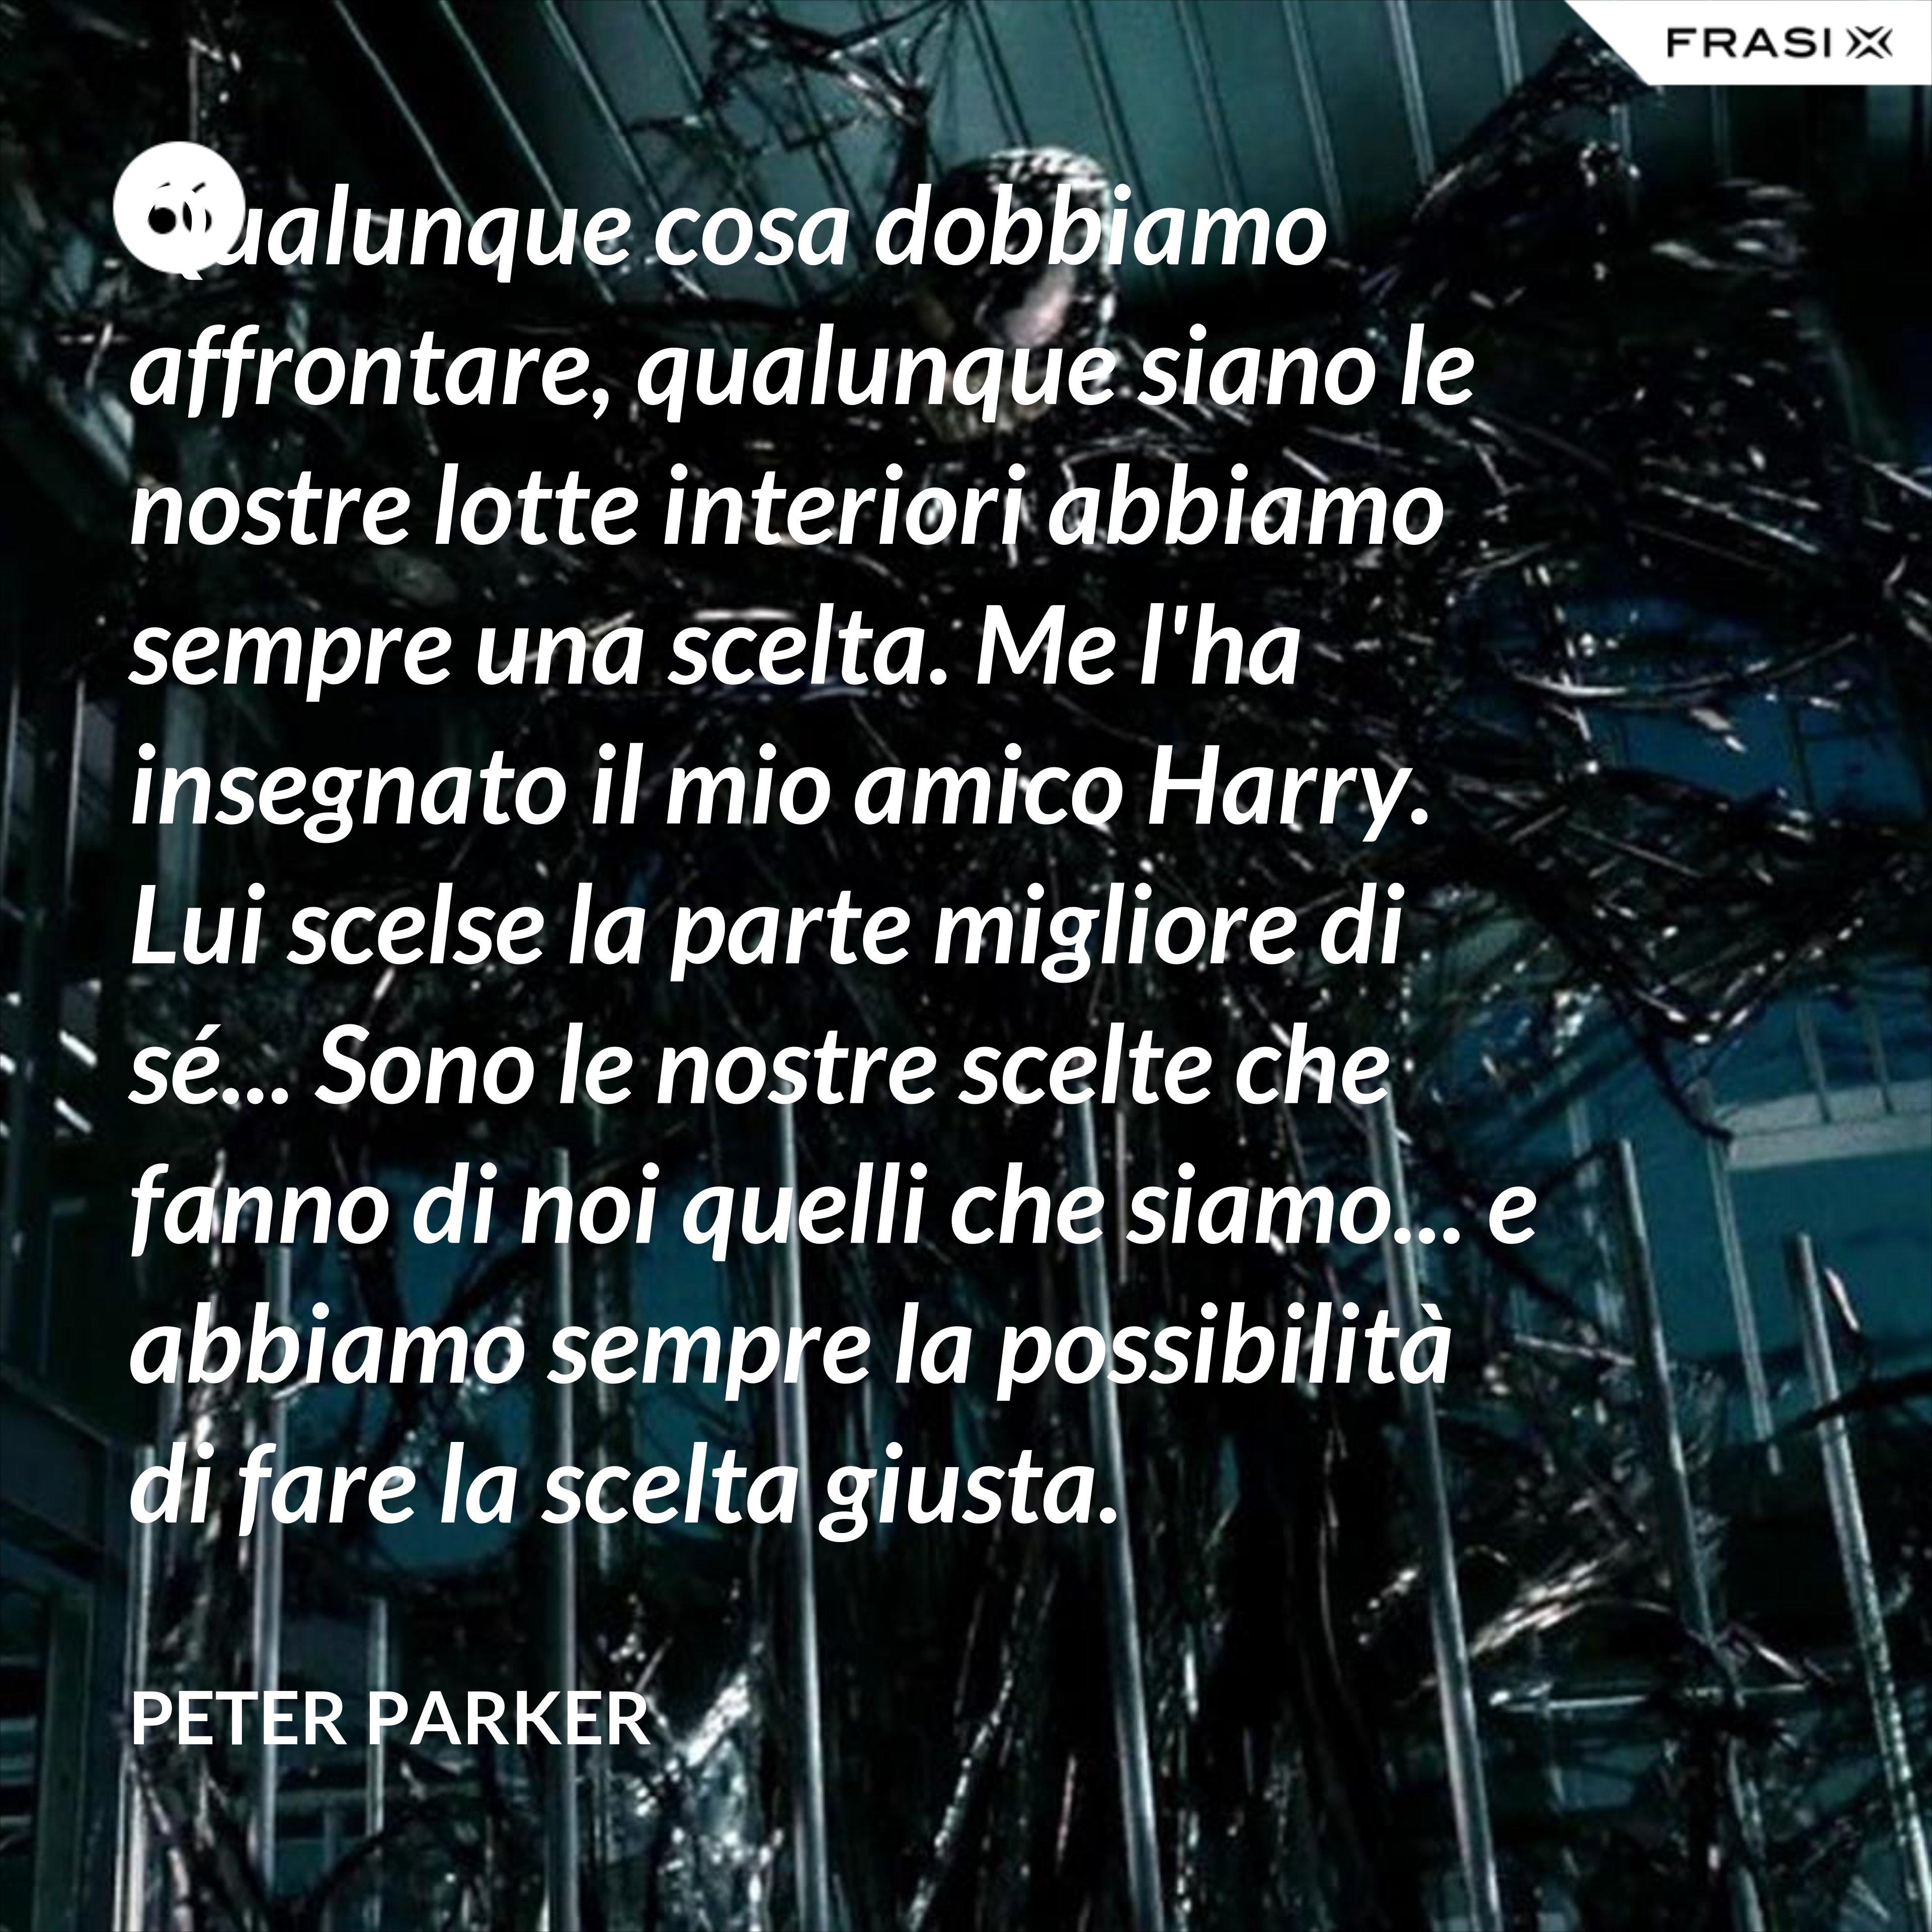 Qualunque cosa dobbiamo affrontare, qualunque siano le nostre lotte interiori abbiamo sempre una scelta. Me l'ha insegnato il mio amico Harry. Lui scelse la parte migliore di sé... Sono le nostre scelte che fanno di noi quelli che siamo... e abbiamo sempre la possibilità di fare la scelta giusta. - Peter Parker